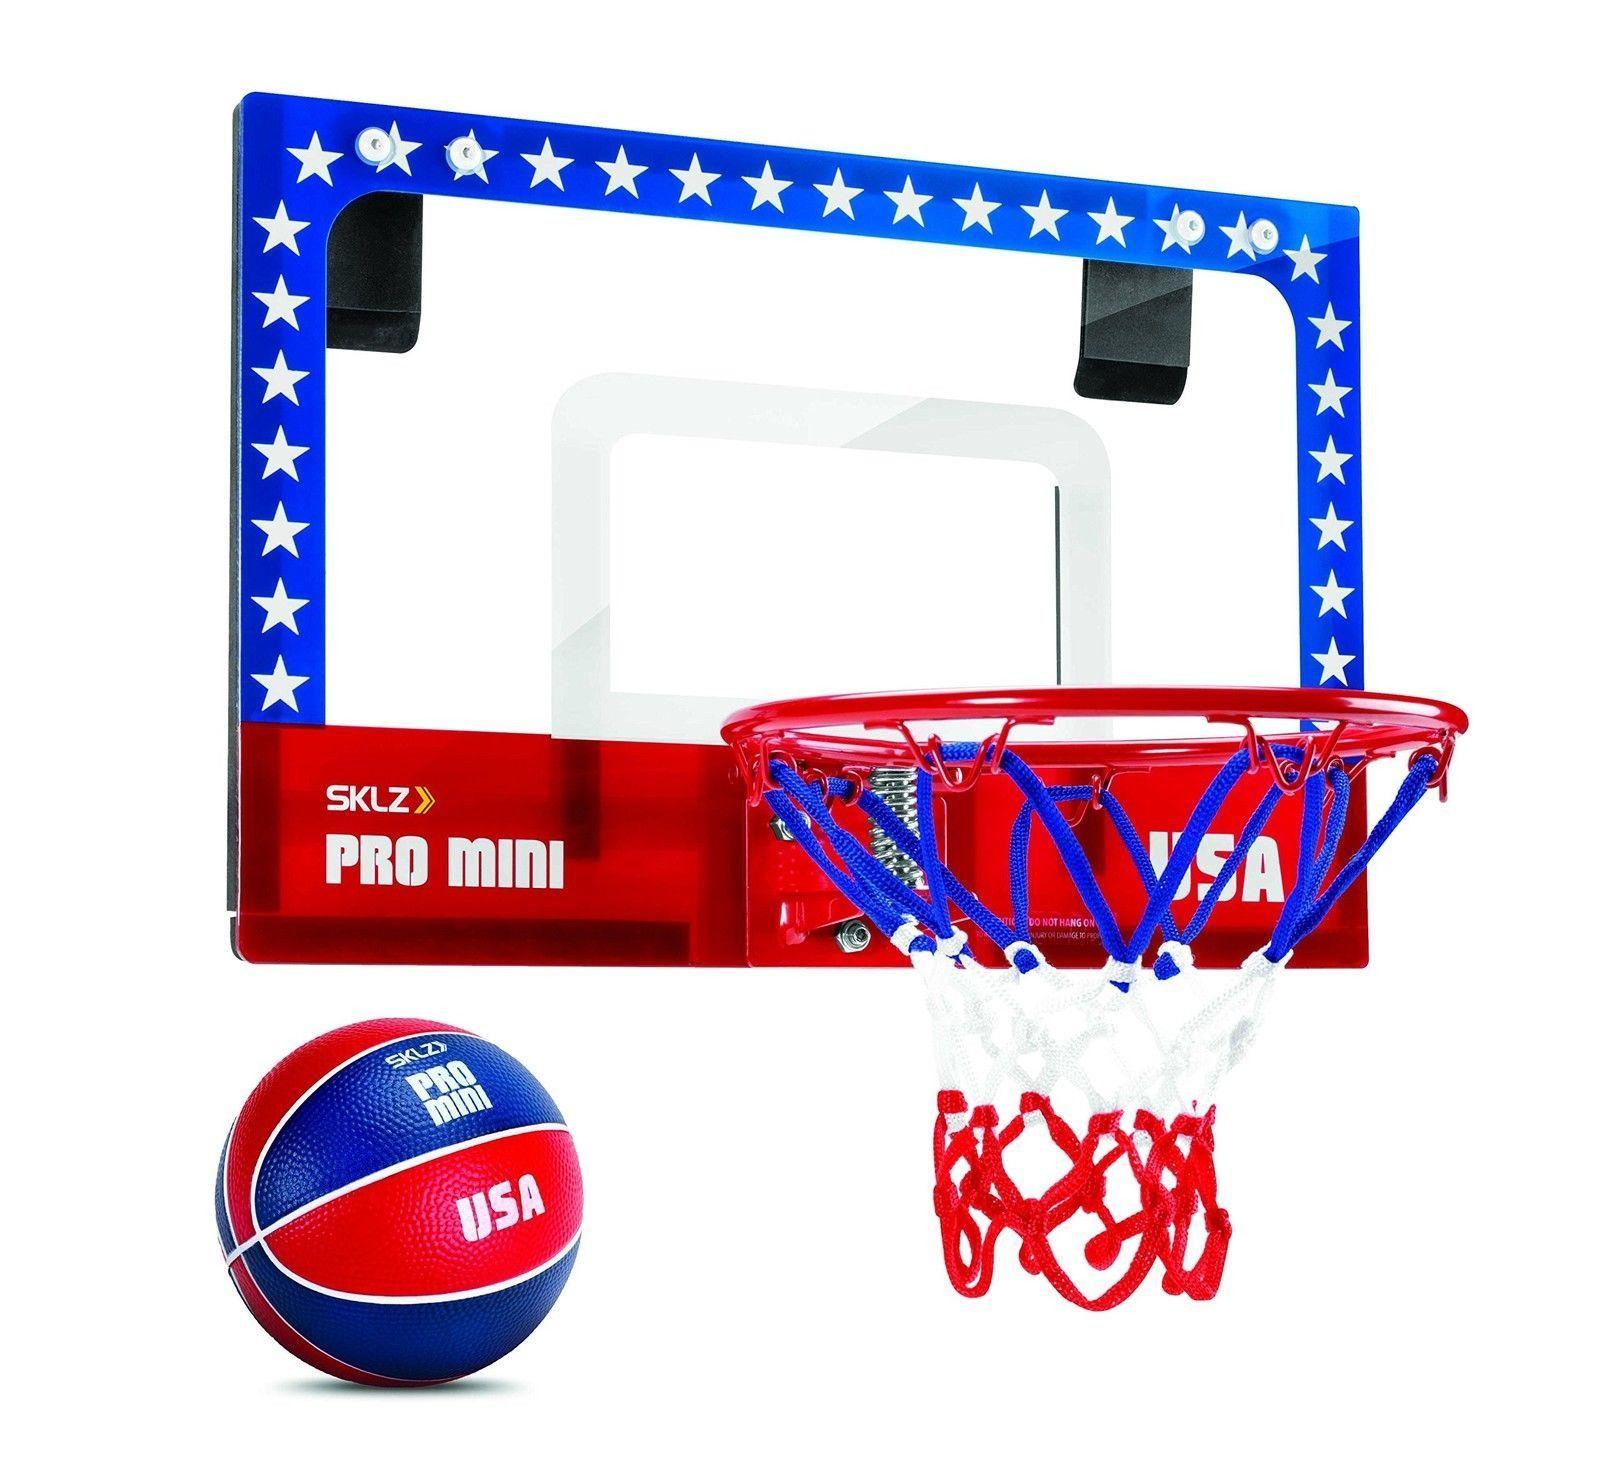 SKLZ Pro Mini Basketball Hoop Pro Mini Micro USA Mini